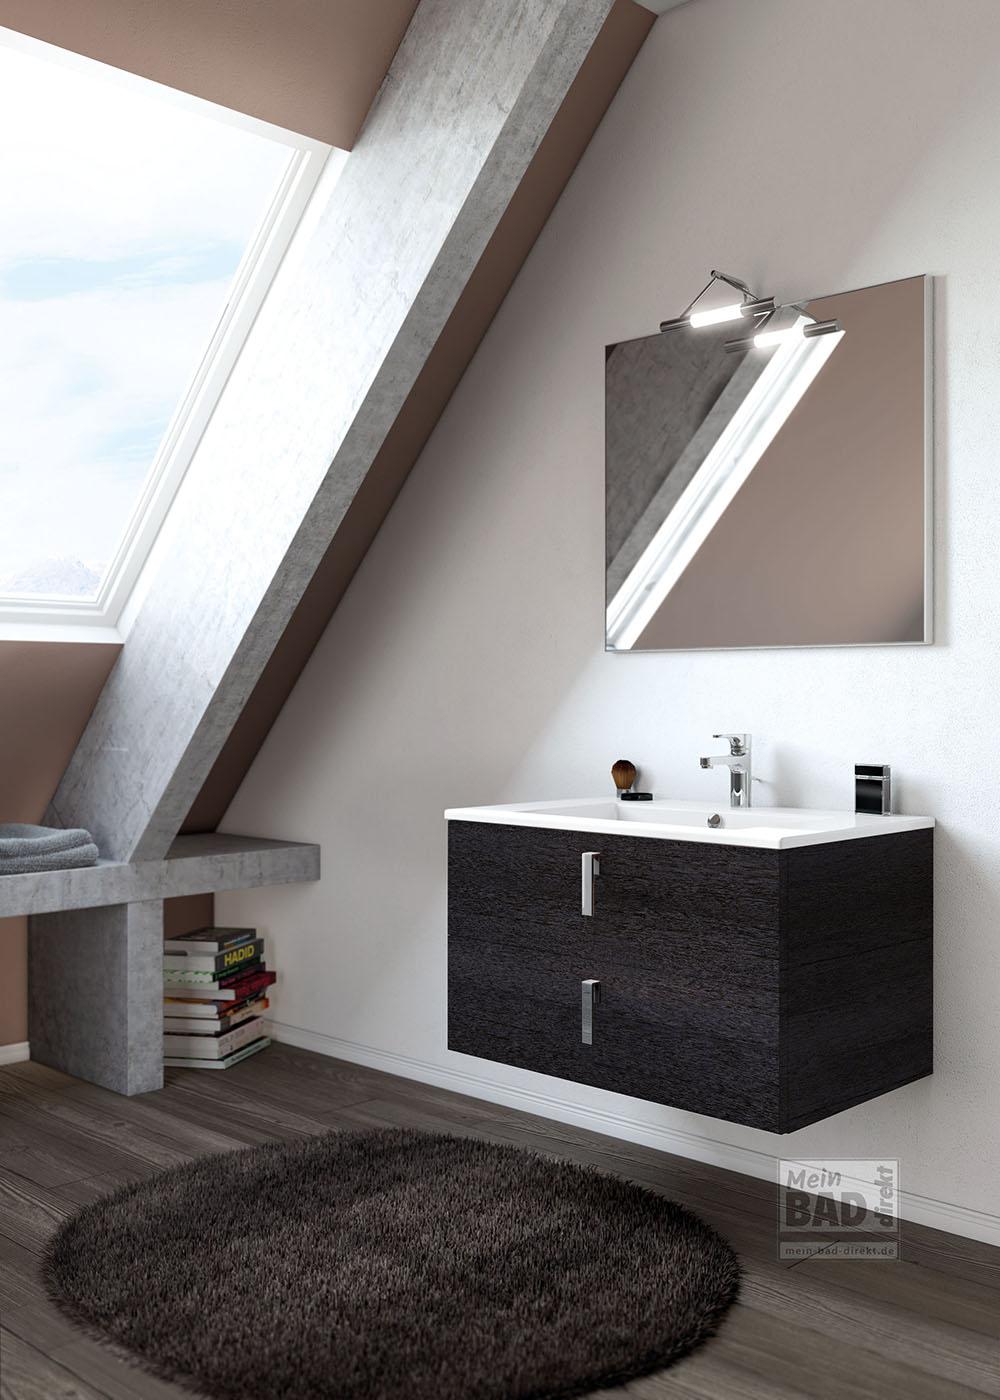 Modernes Bad Mit Modernen Badmobeln Und Waschbecken Mein Bad Direkt